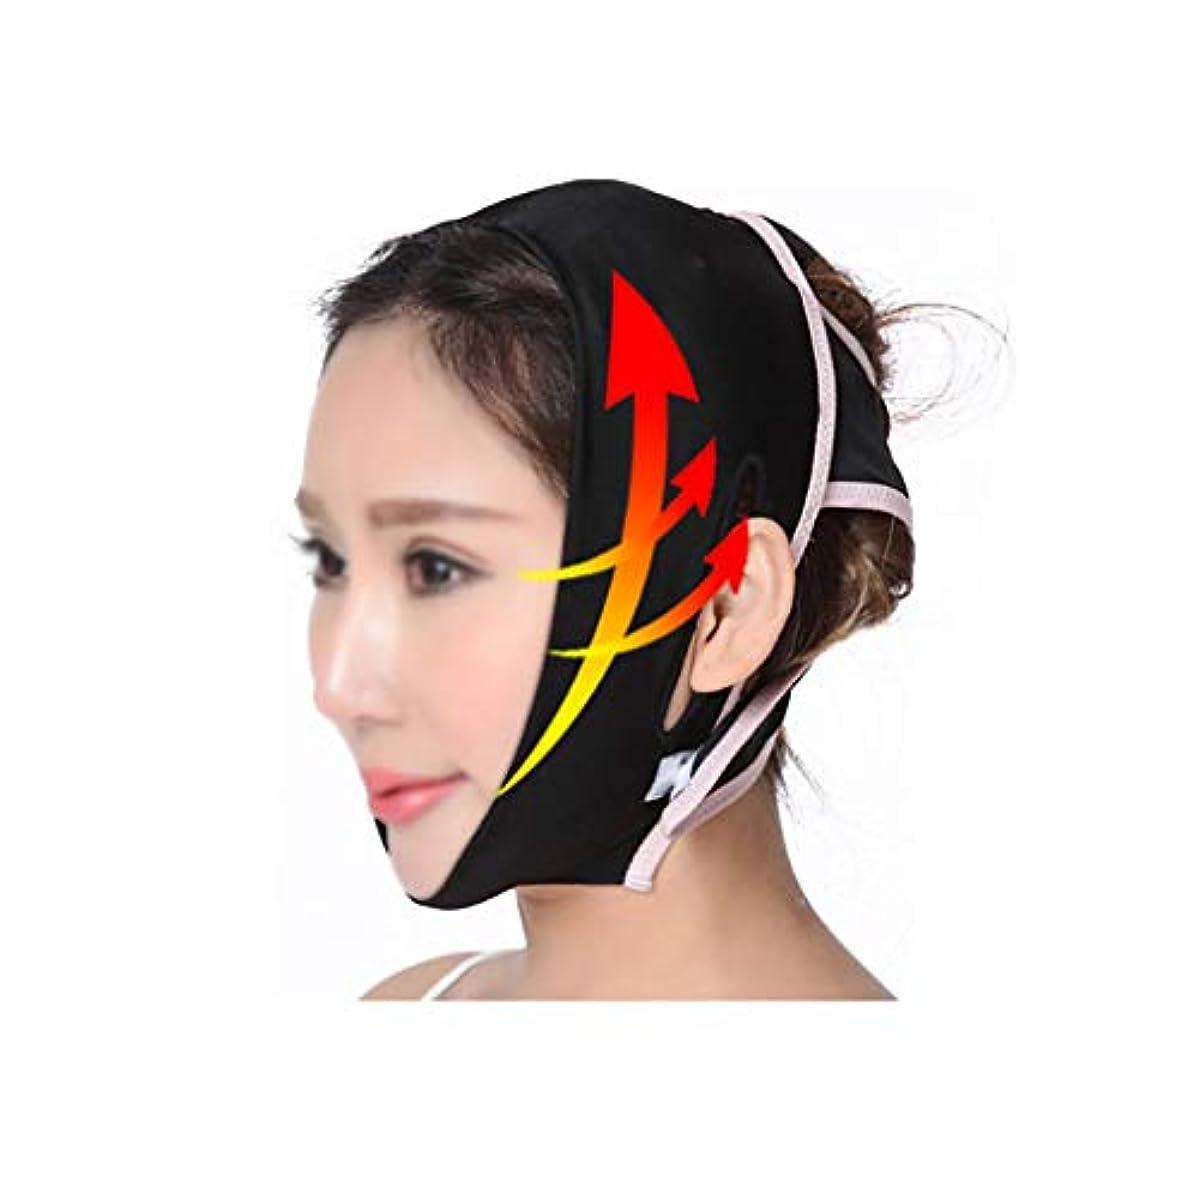 臭い定期的なチャップGLJJQMY 薄い顔のマスクのマスクの睡眠の顔のプラスチック顔の包帯の顔の持ち上がるVの表面のアーチファクトの回復 ネックバンド 顔用整形マスク (Size : L)